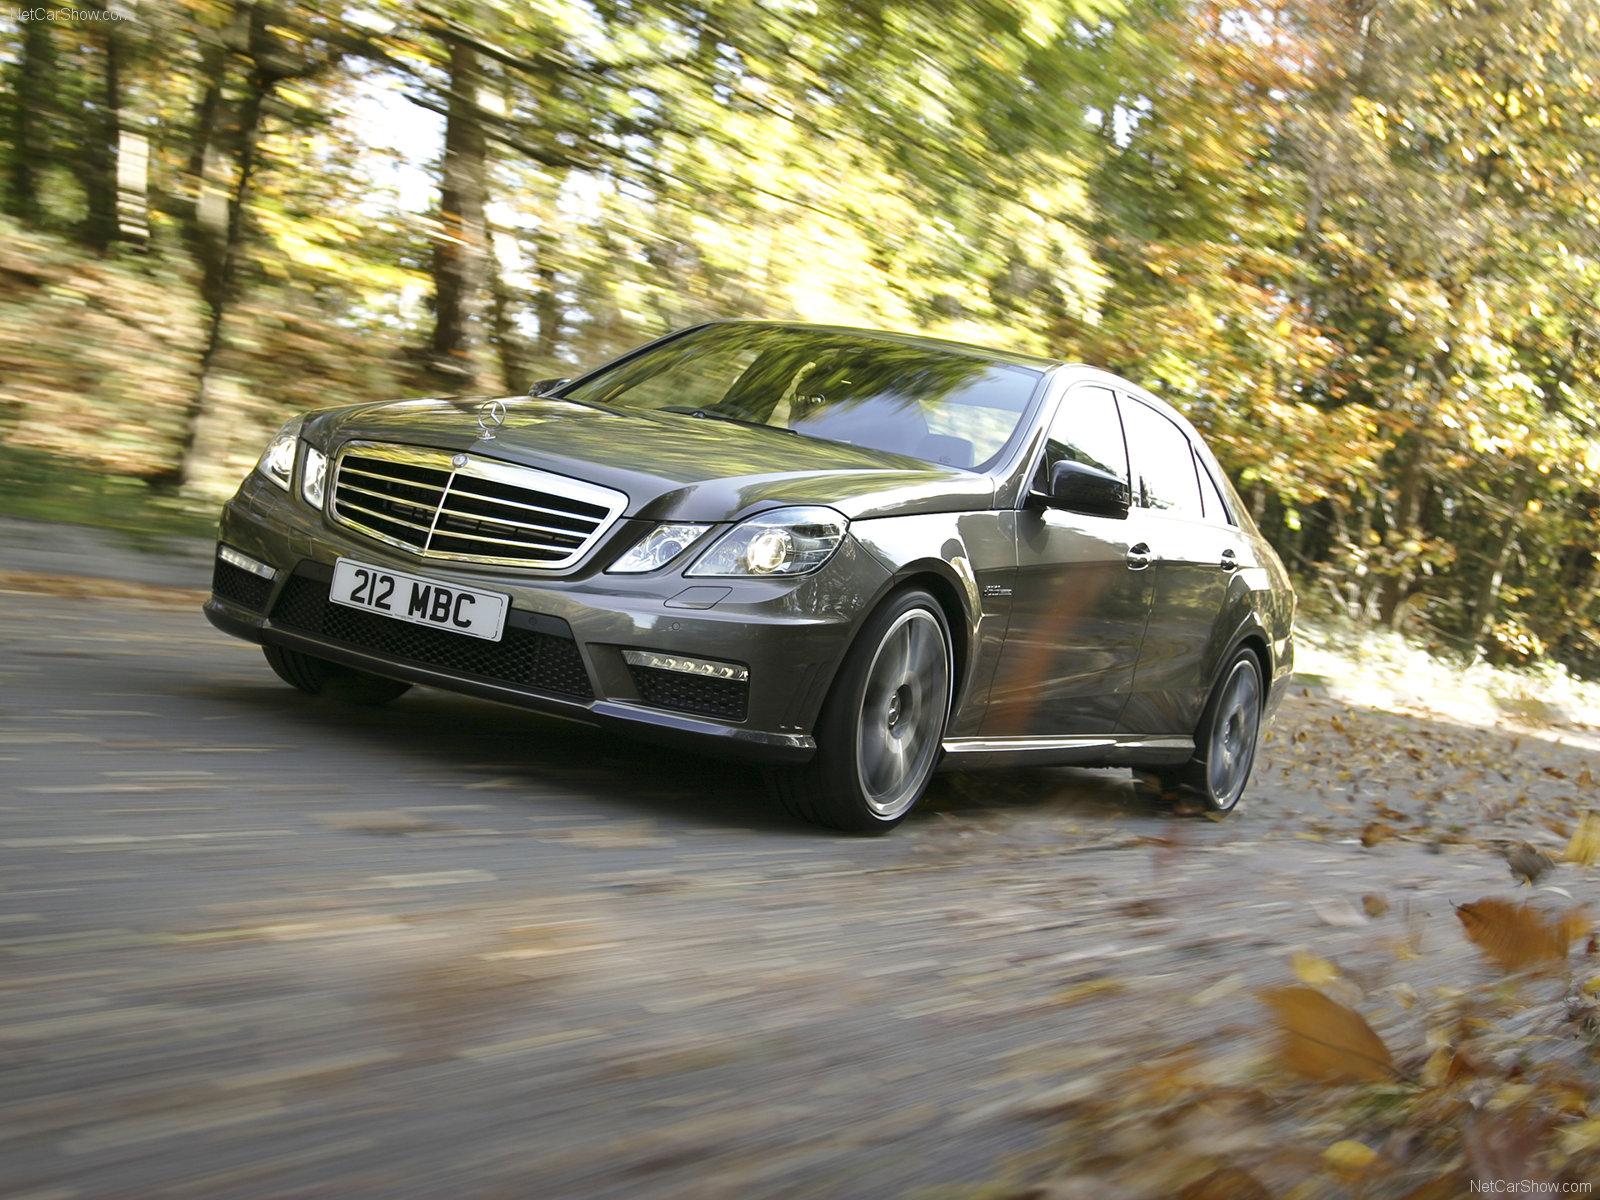 http://4.bp.blogspot.com/_etMcoRupG70/THEX8ltygoI/AAAAAAAAAcE/8HWda4UBYSA/s1600/Mercedes-Benz-E63_AMG_2010_1600x1200_wallpaper_0b.jpg